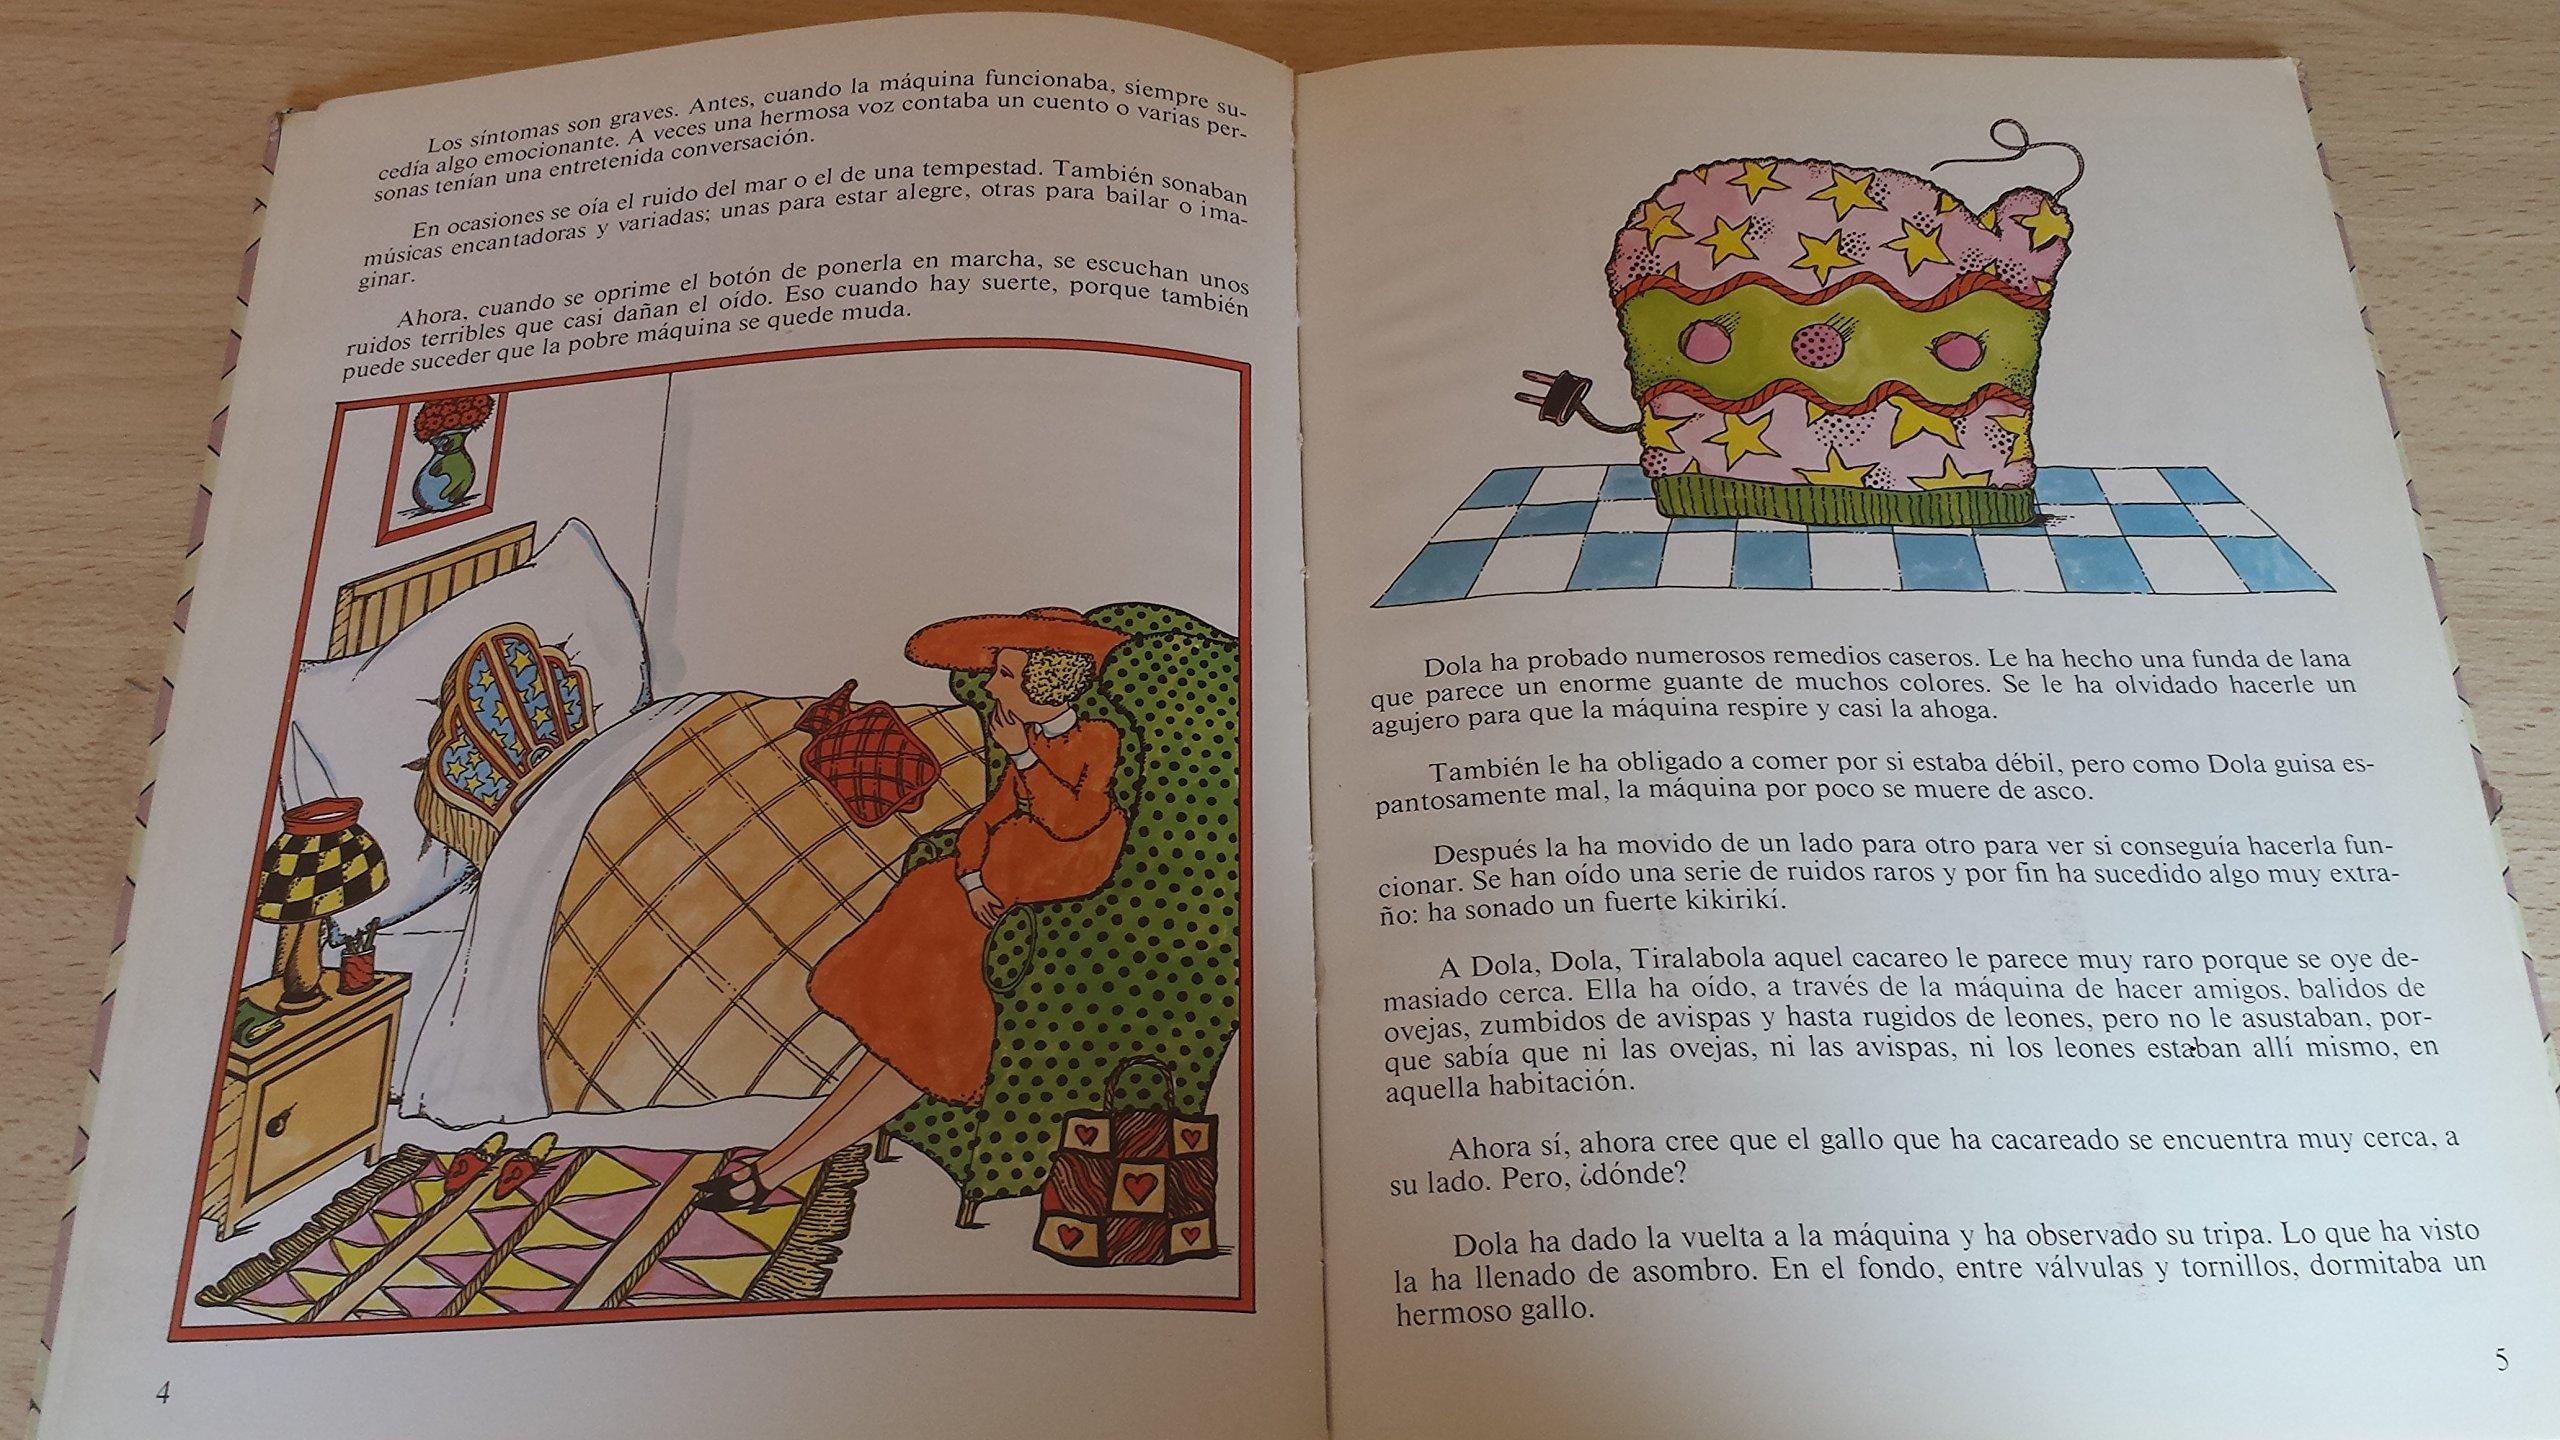 Dola y la máquina de hacer amigos: Amazon.es: Lolo Rico J.C. Eguillor: Libros